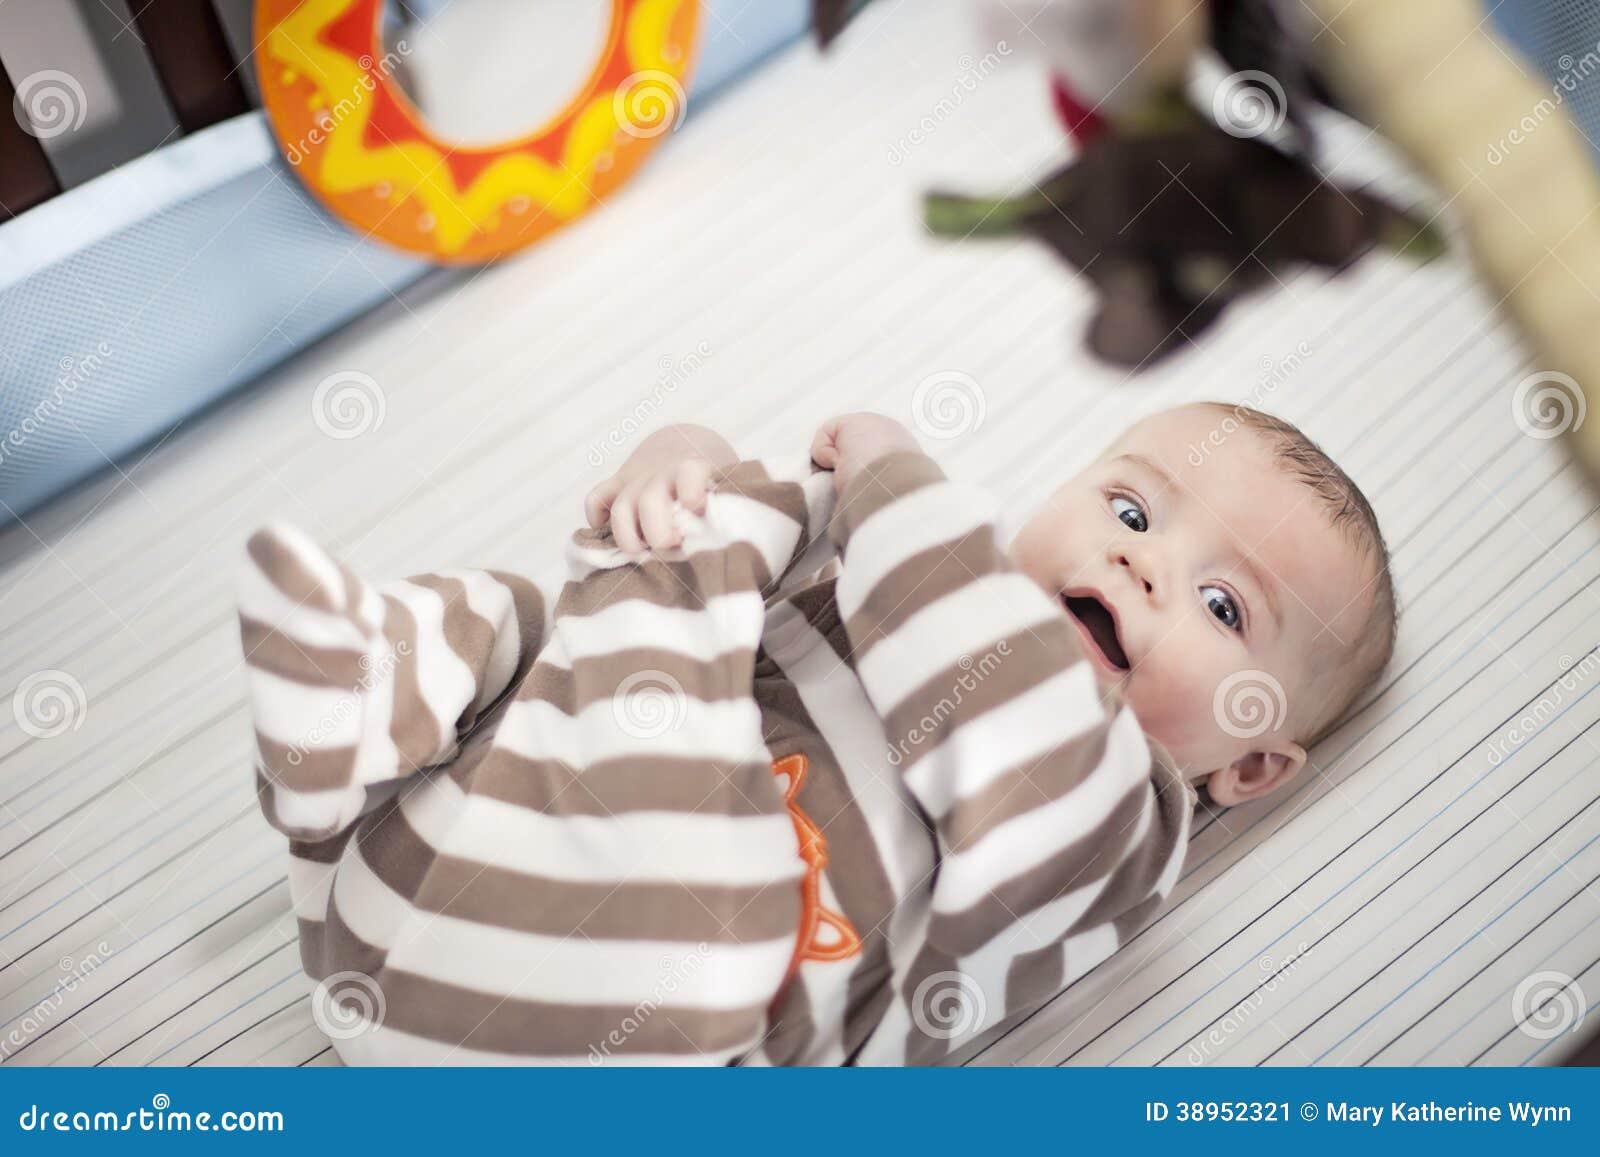 Szczęśliwy dziecko w ściąga